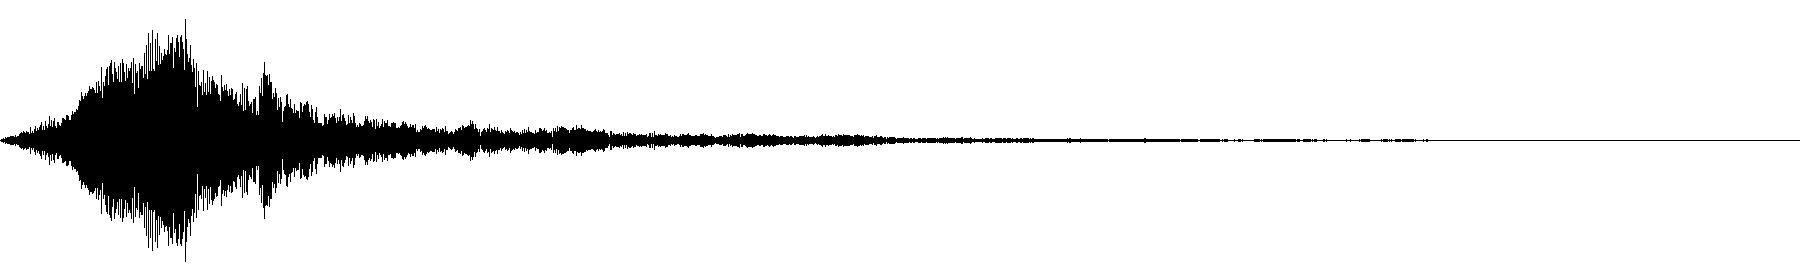 veh2 synths   117 c